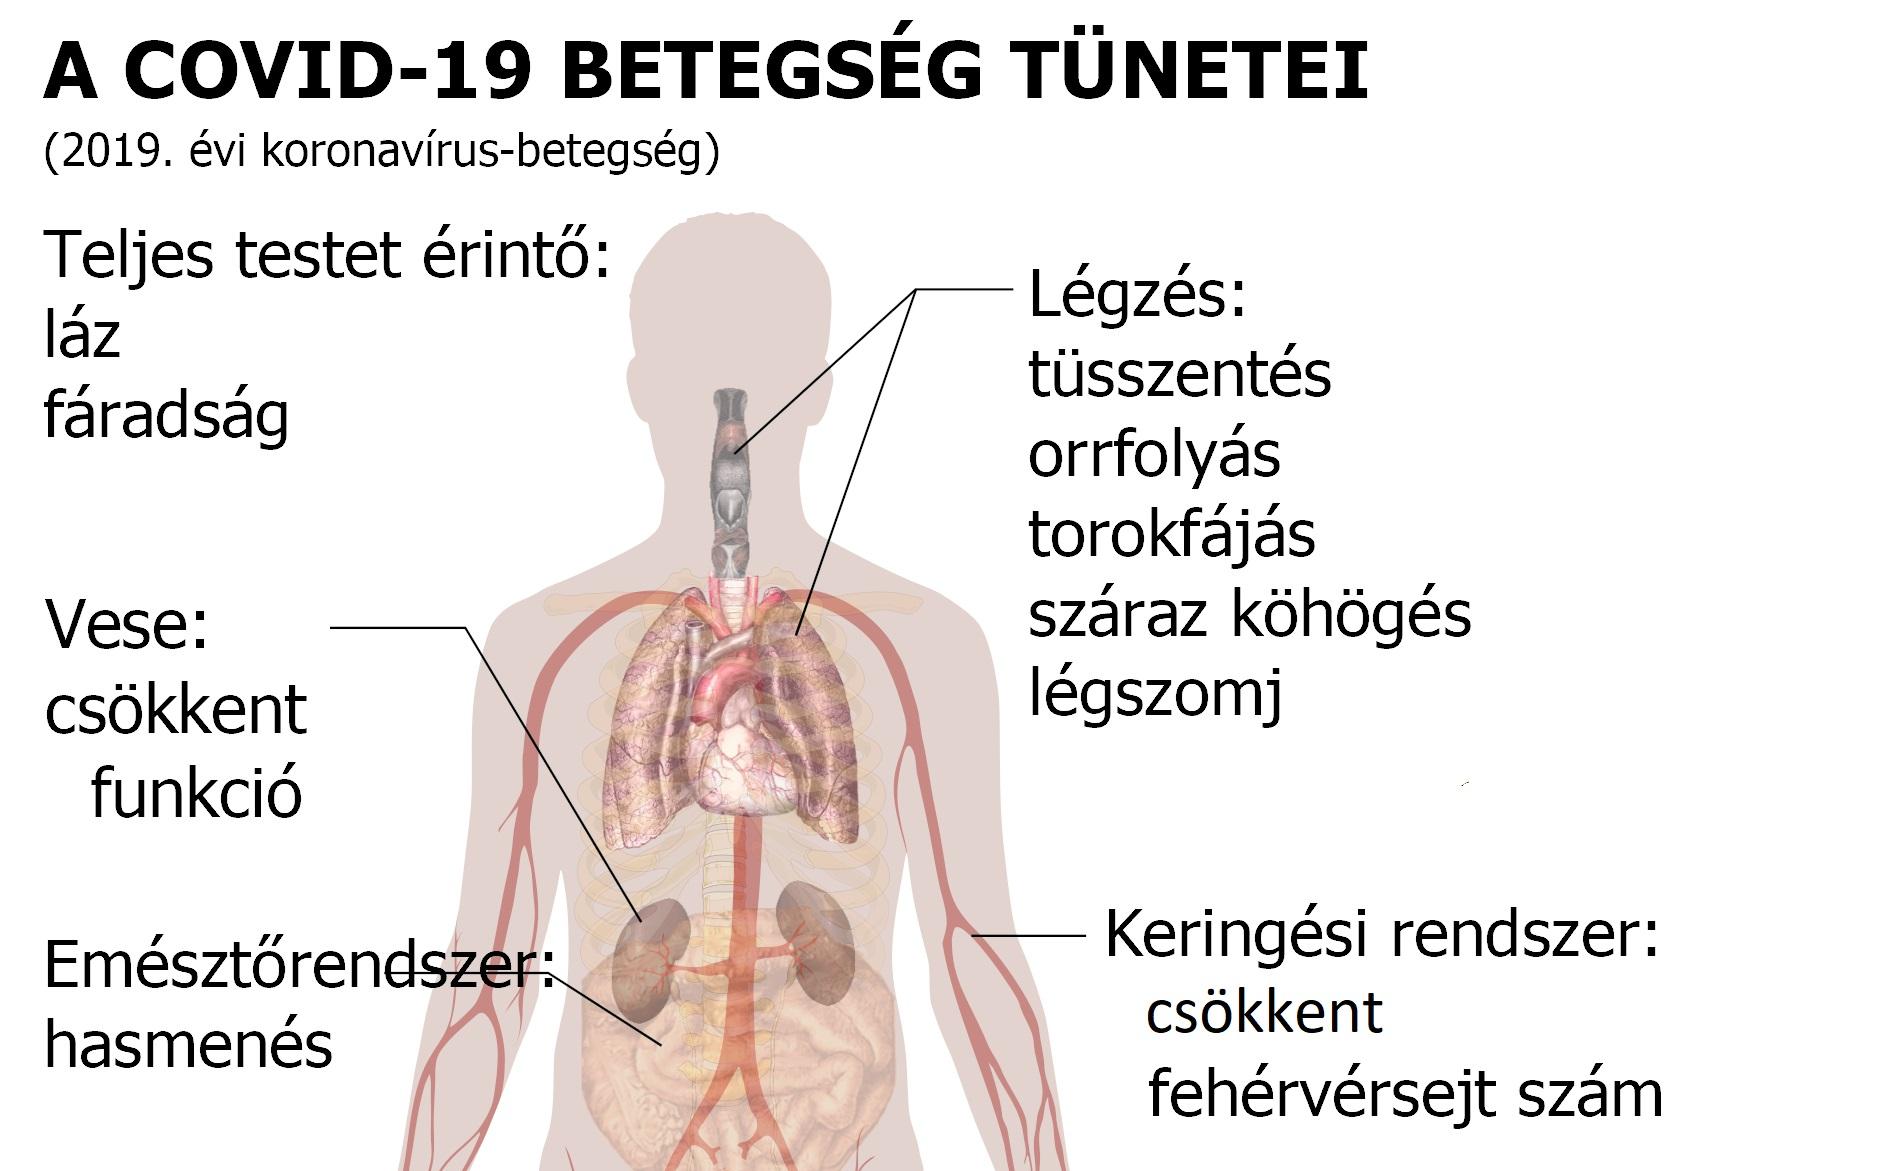 Törpe szalagféreg röviden. Tünetek és a szalagféreg kezelése az emberekben